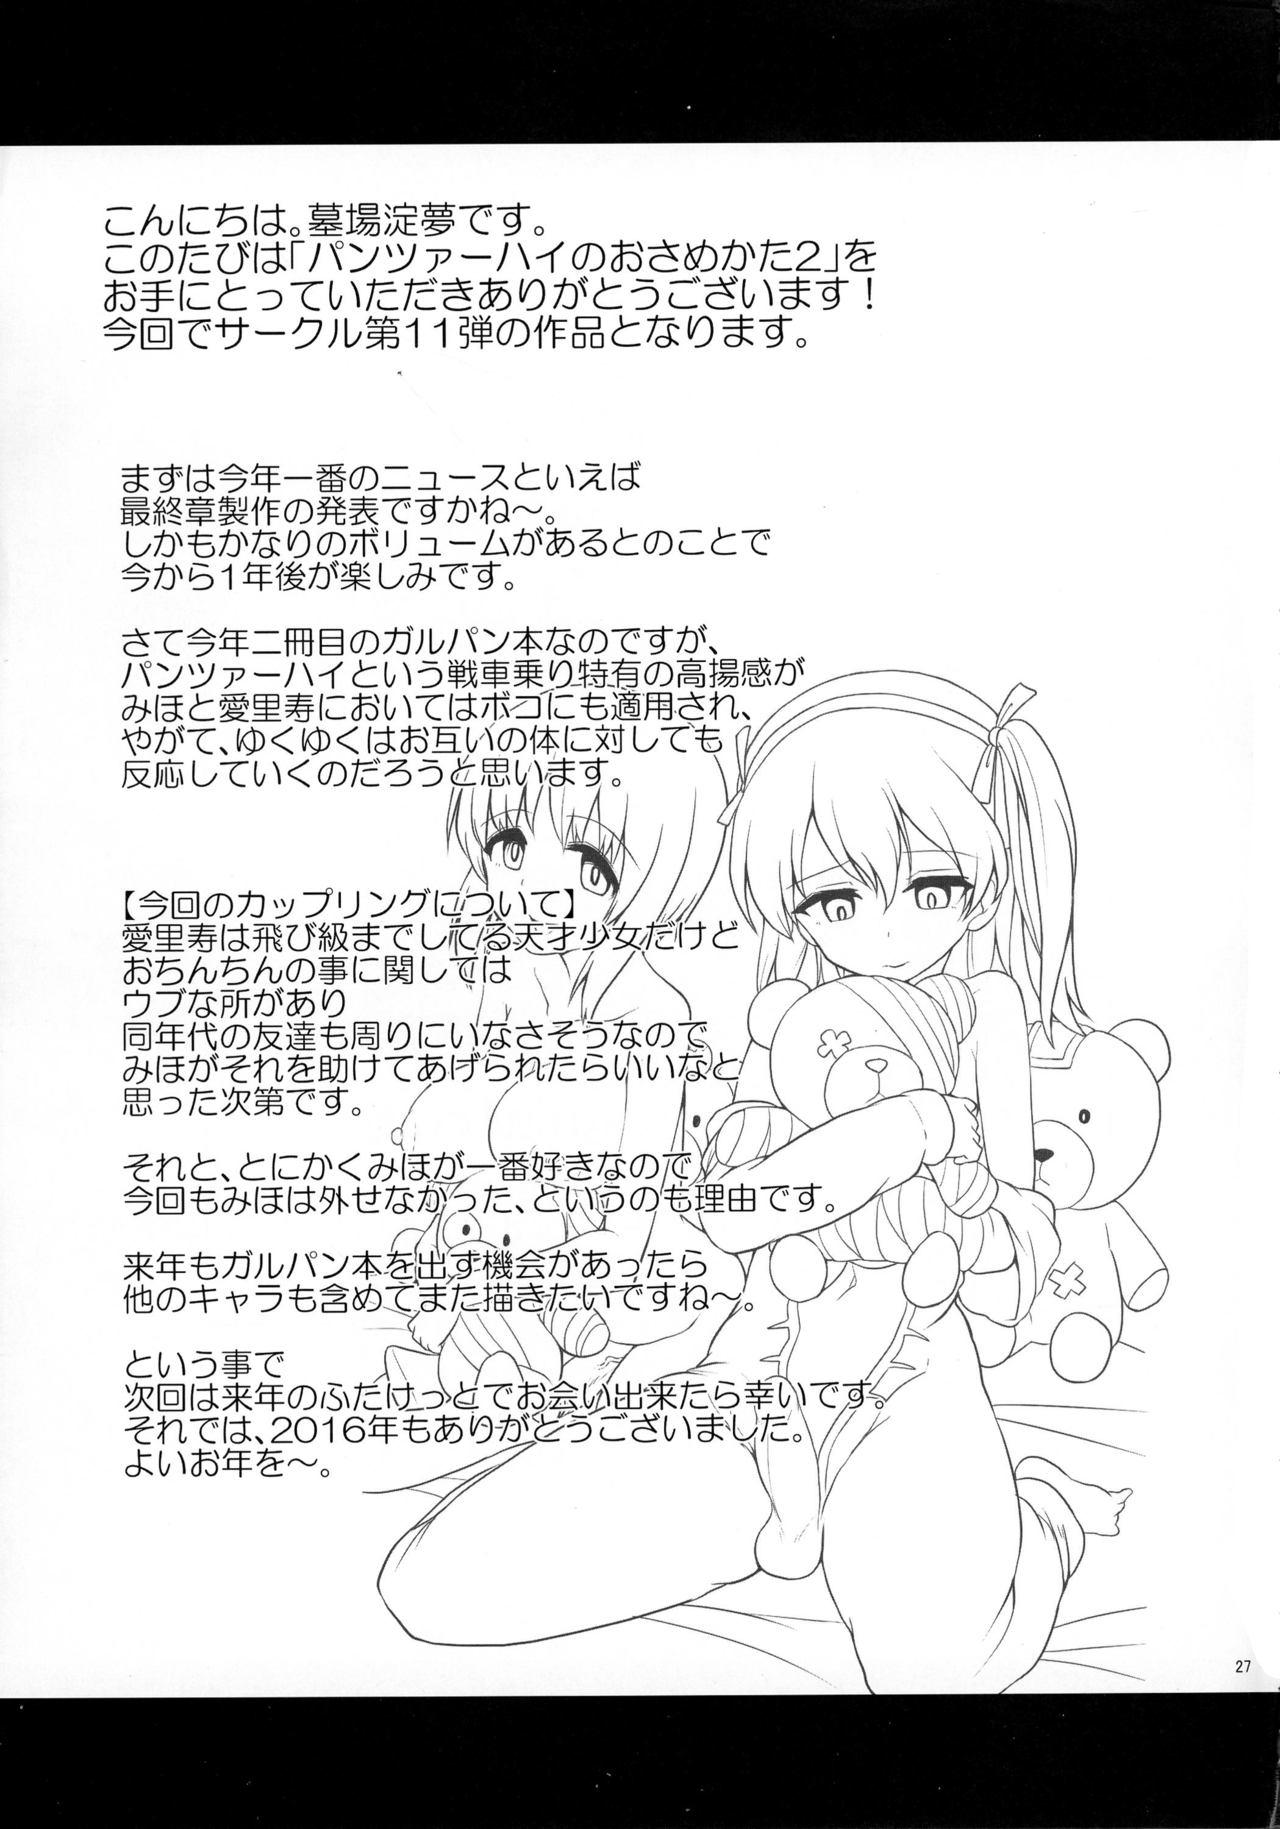 Panzer High no Osamekata 2 26